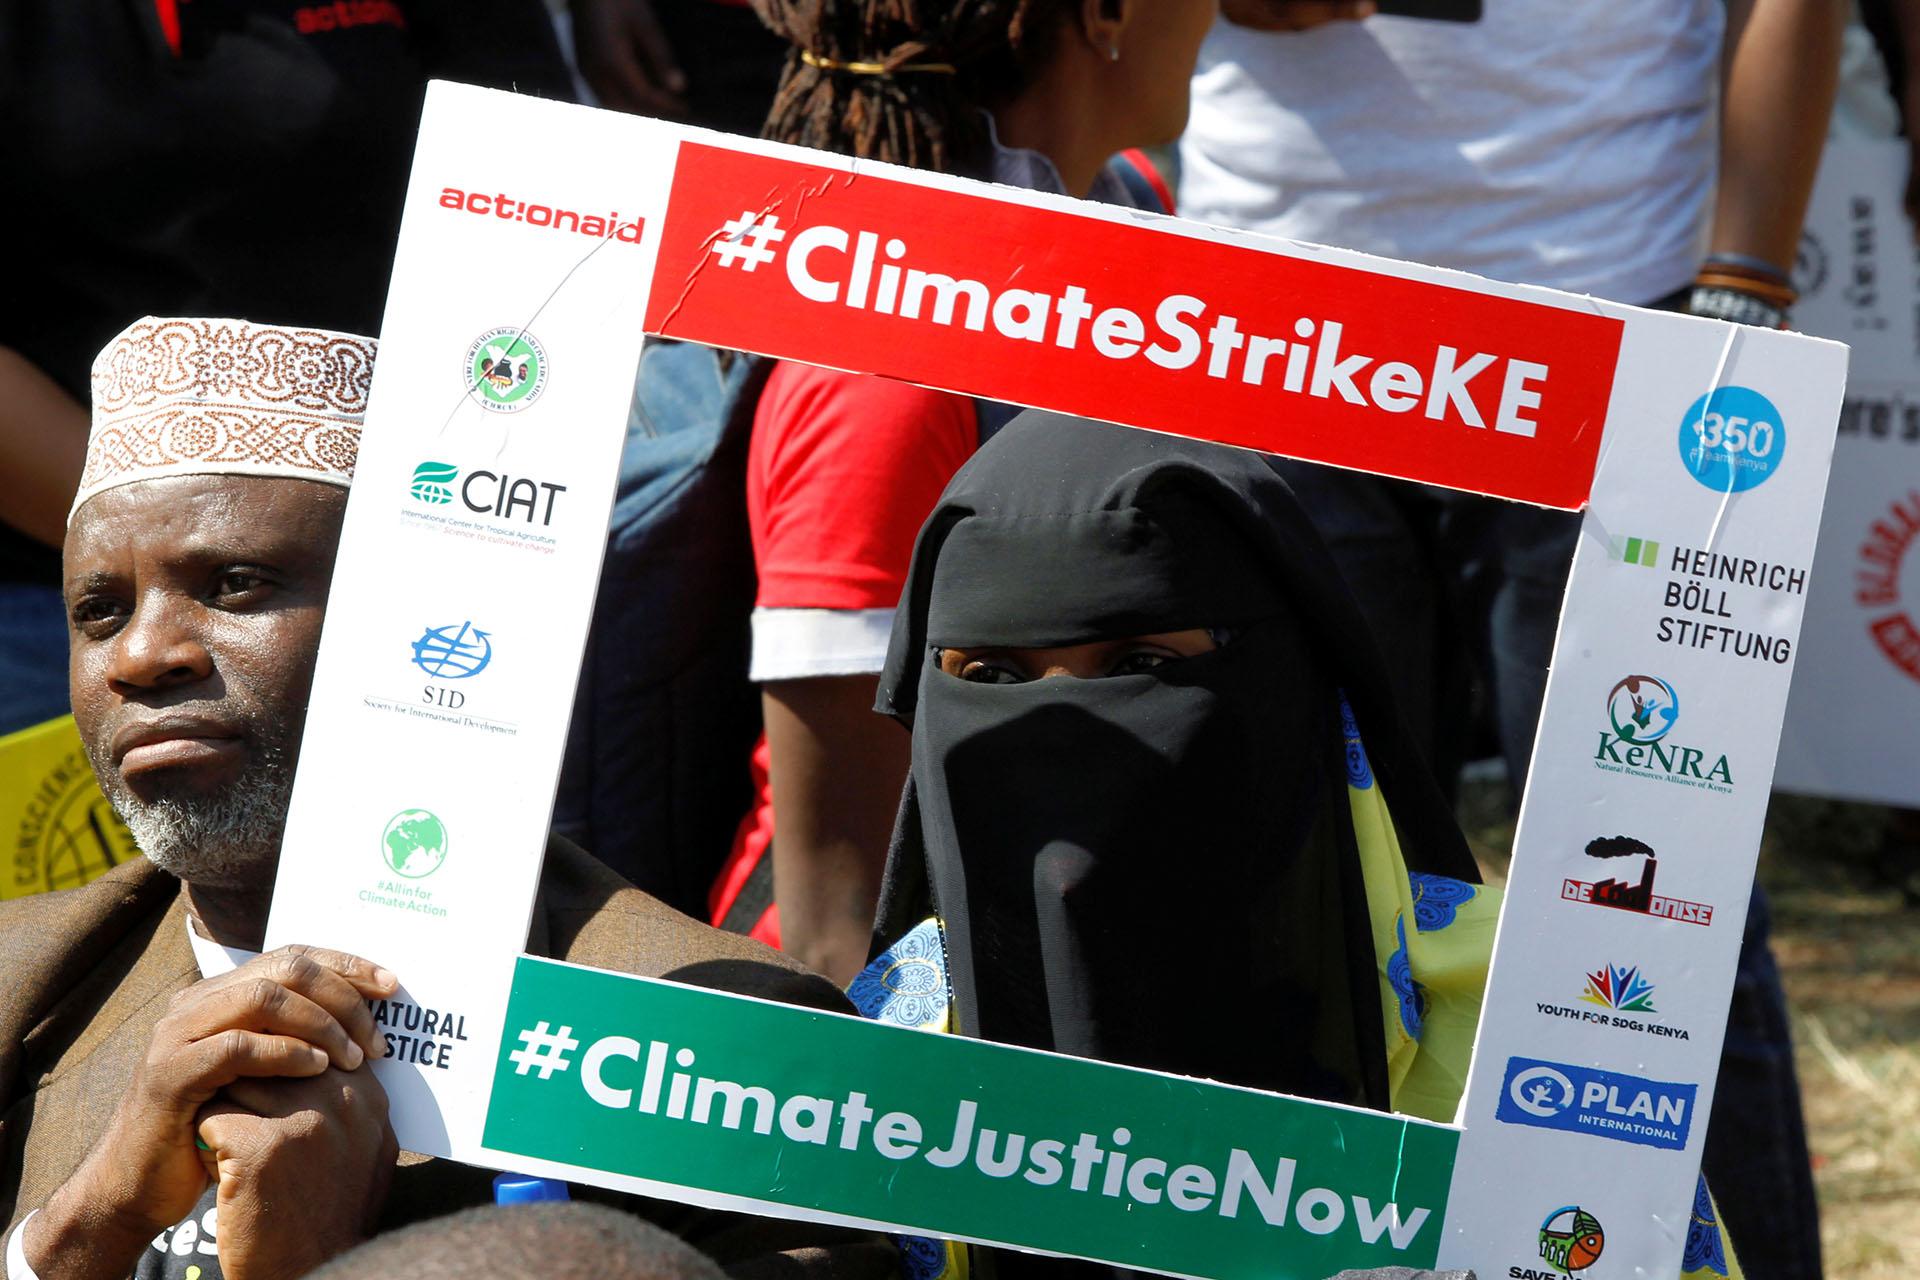 Activistas medioambientales se hacen tomar una foto en la protesta que llama a la acción sobre el cambio climático, en Nairobi, Kenia (REUTERS/Njeri Mwangi)